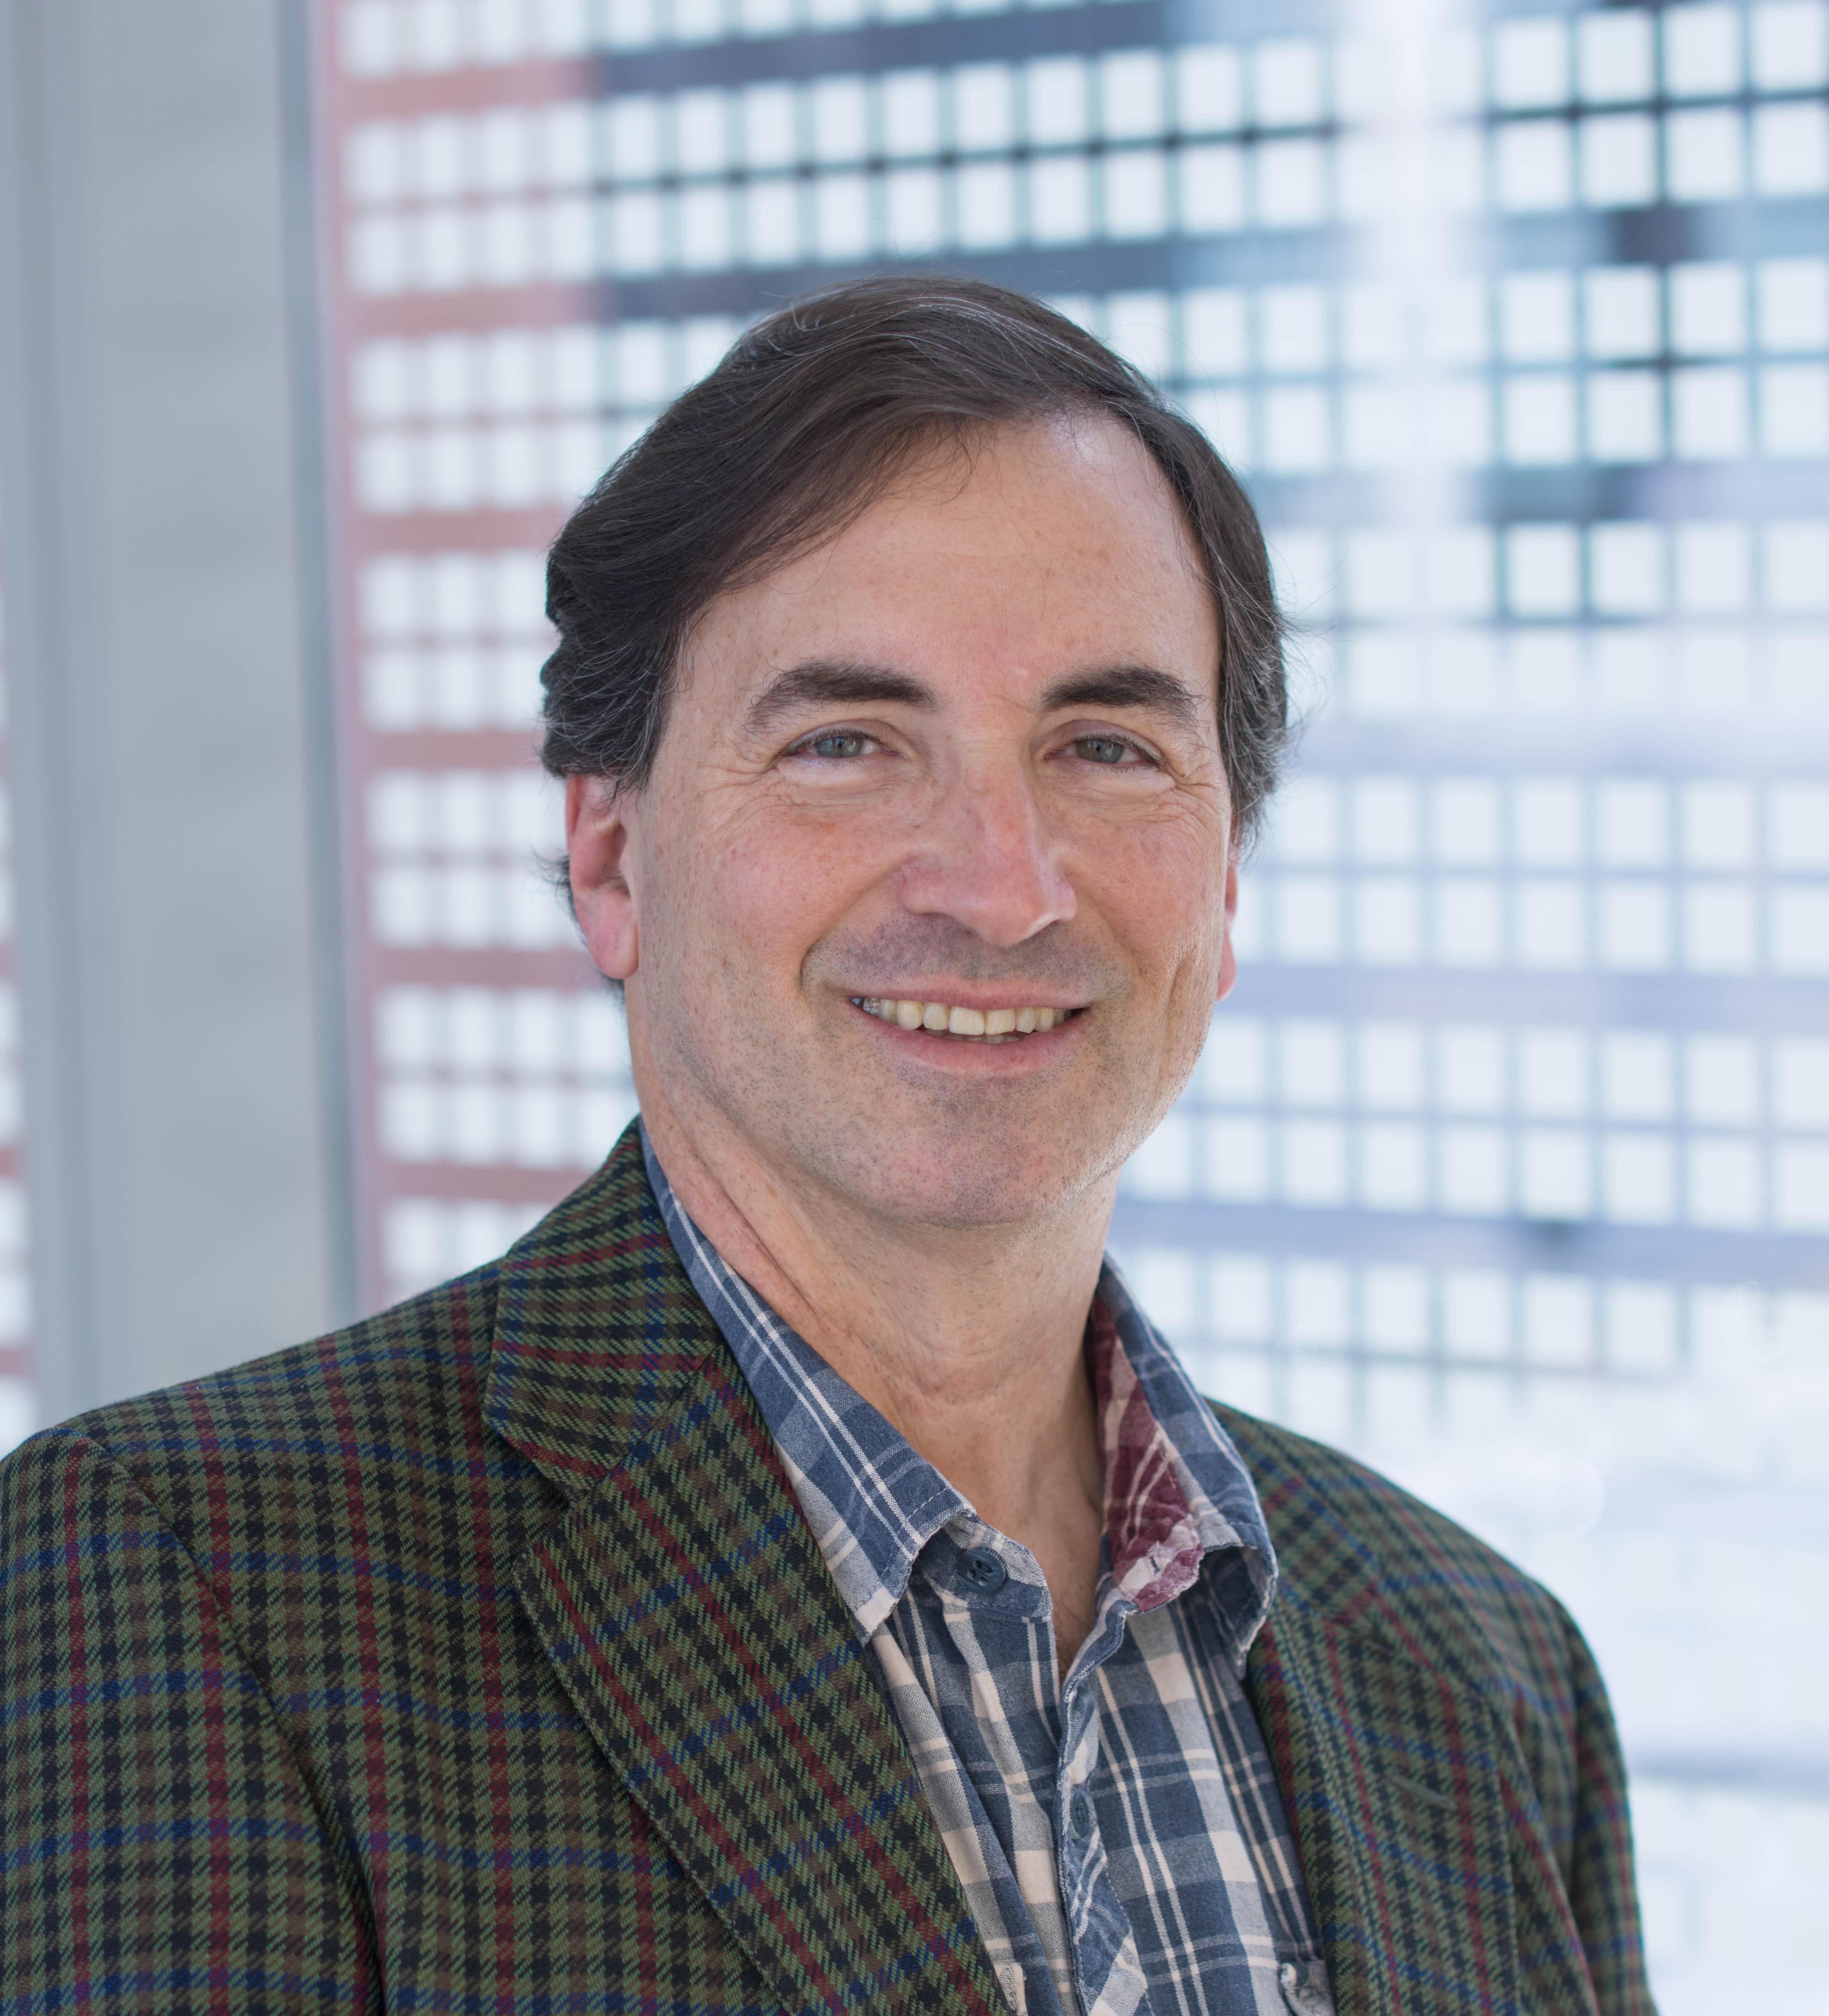 Peter J. Basser, Ph.D.